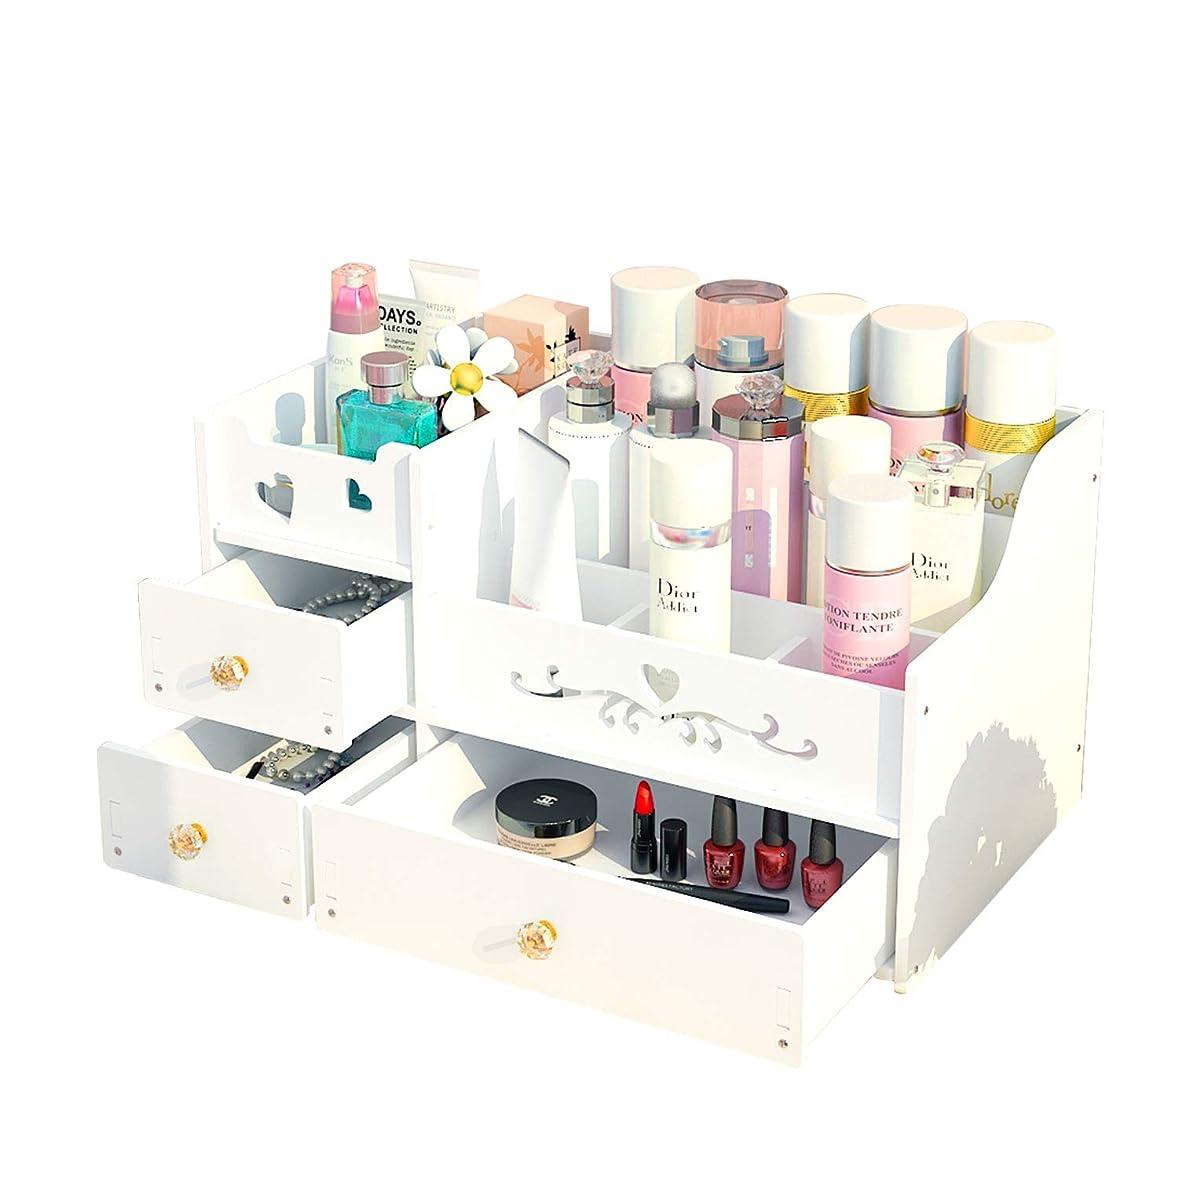 ケントパスタ魂化粧品収納 白 洗面所 ボックス 仕切り 大容量 組み立て メイクボックス コスメボックス 木製 卓上 DIY 整理 小物入れ 収納引き出し 化粧品収納ボックス コスメ収納ボックス